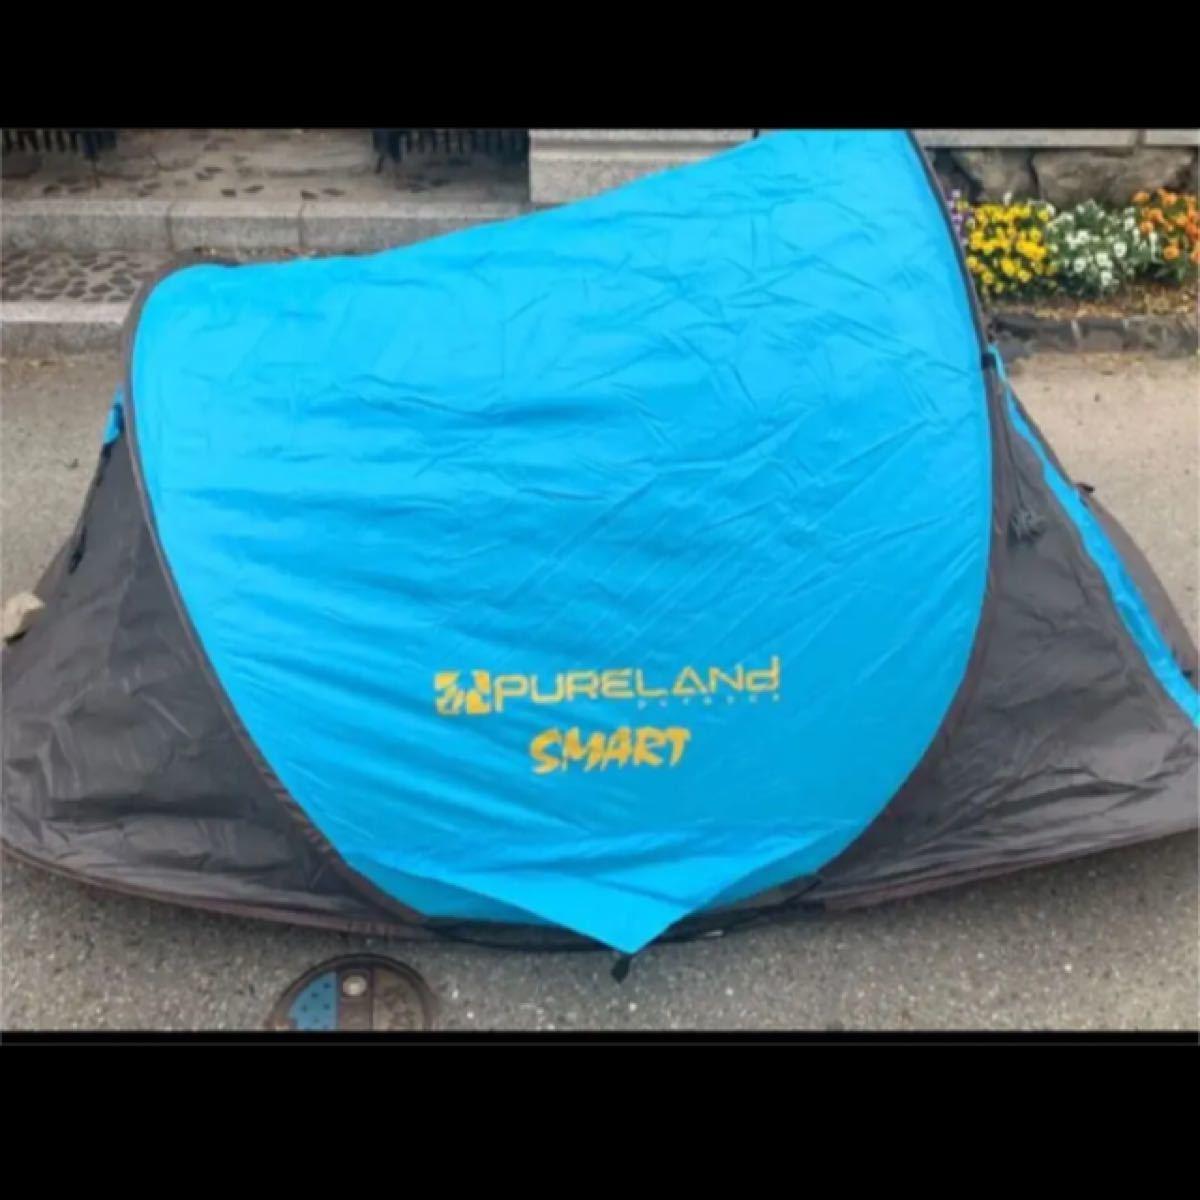 ワンタッチ テント 2人用 アウトドア ソロ キャンプテント ワンタッチ 防風防水 ポップアップテント設営簡単